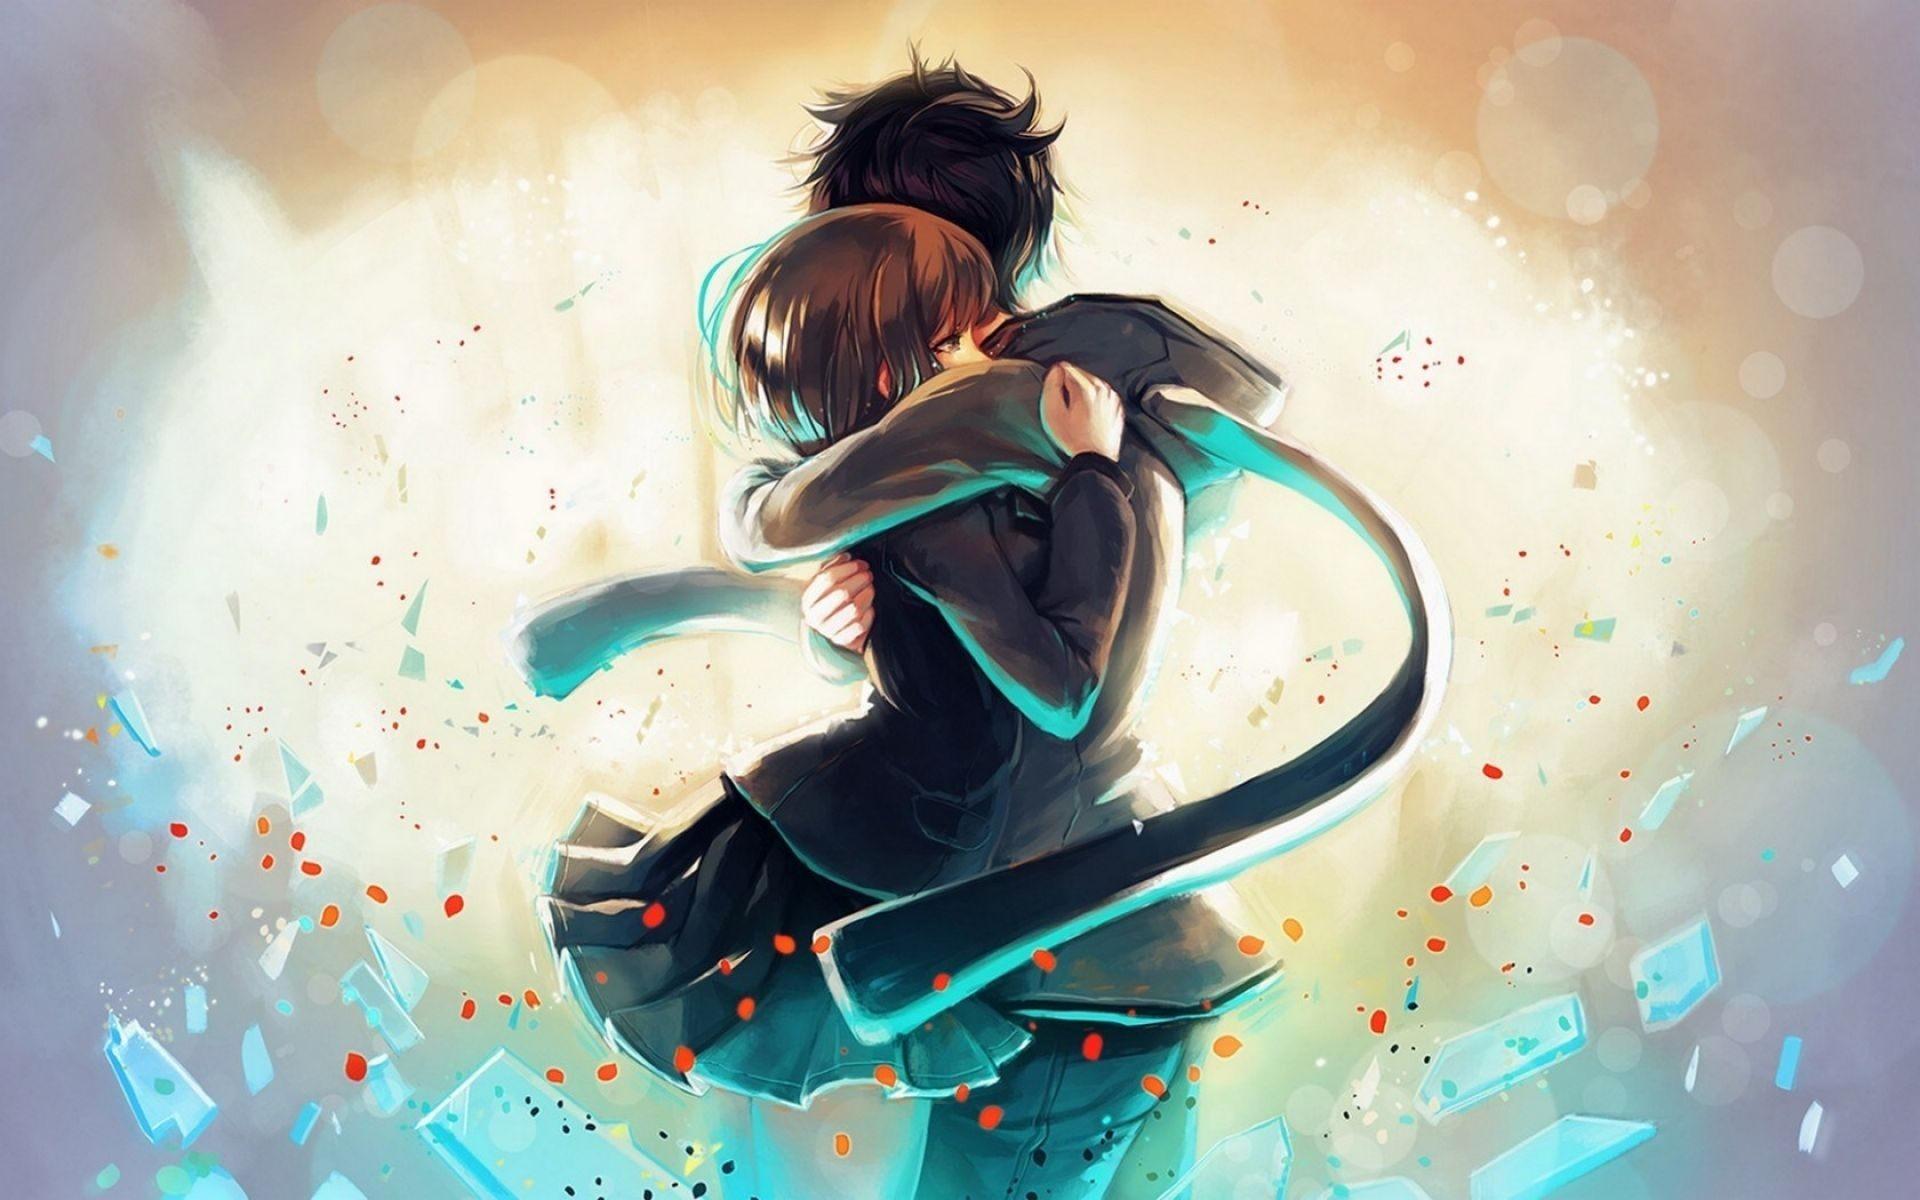 Hug Anime Couple